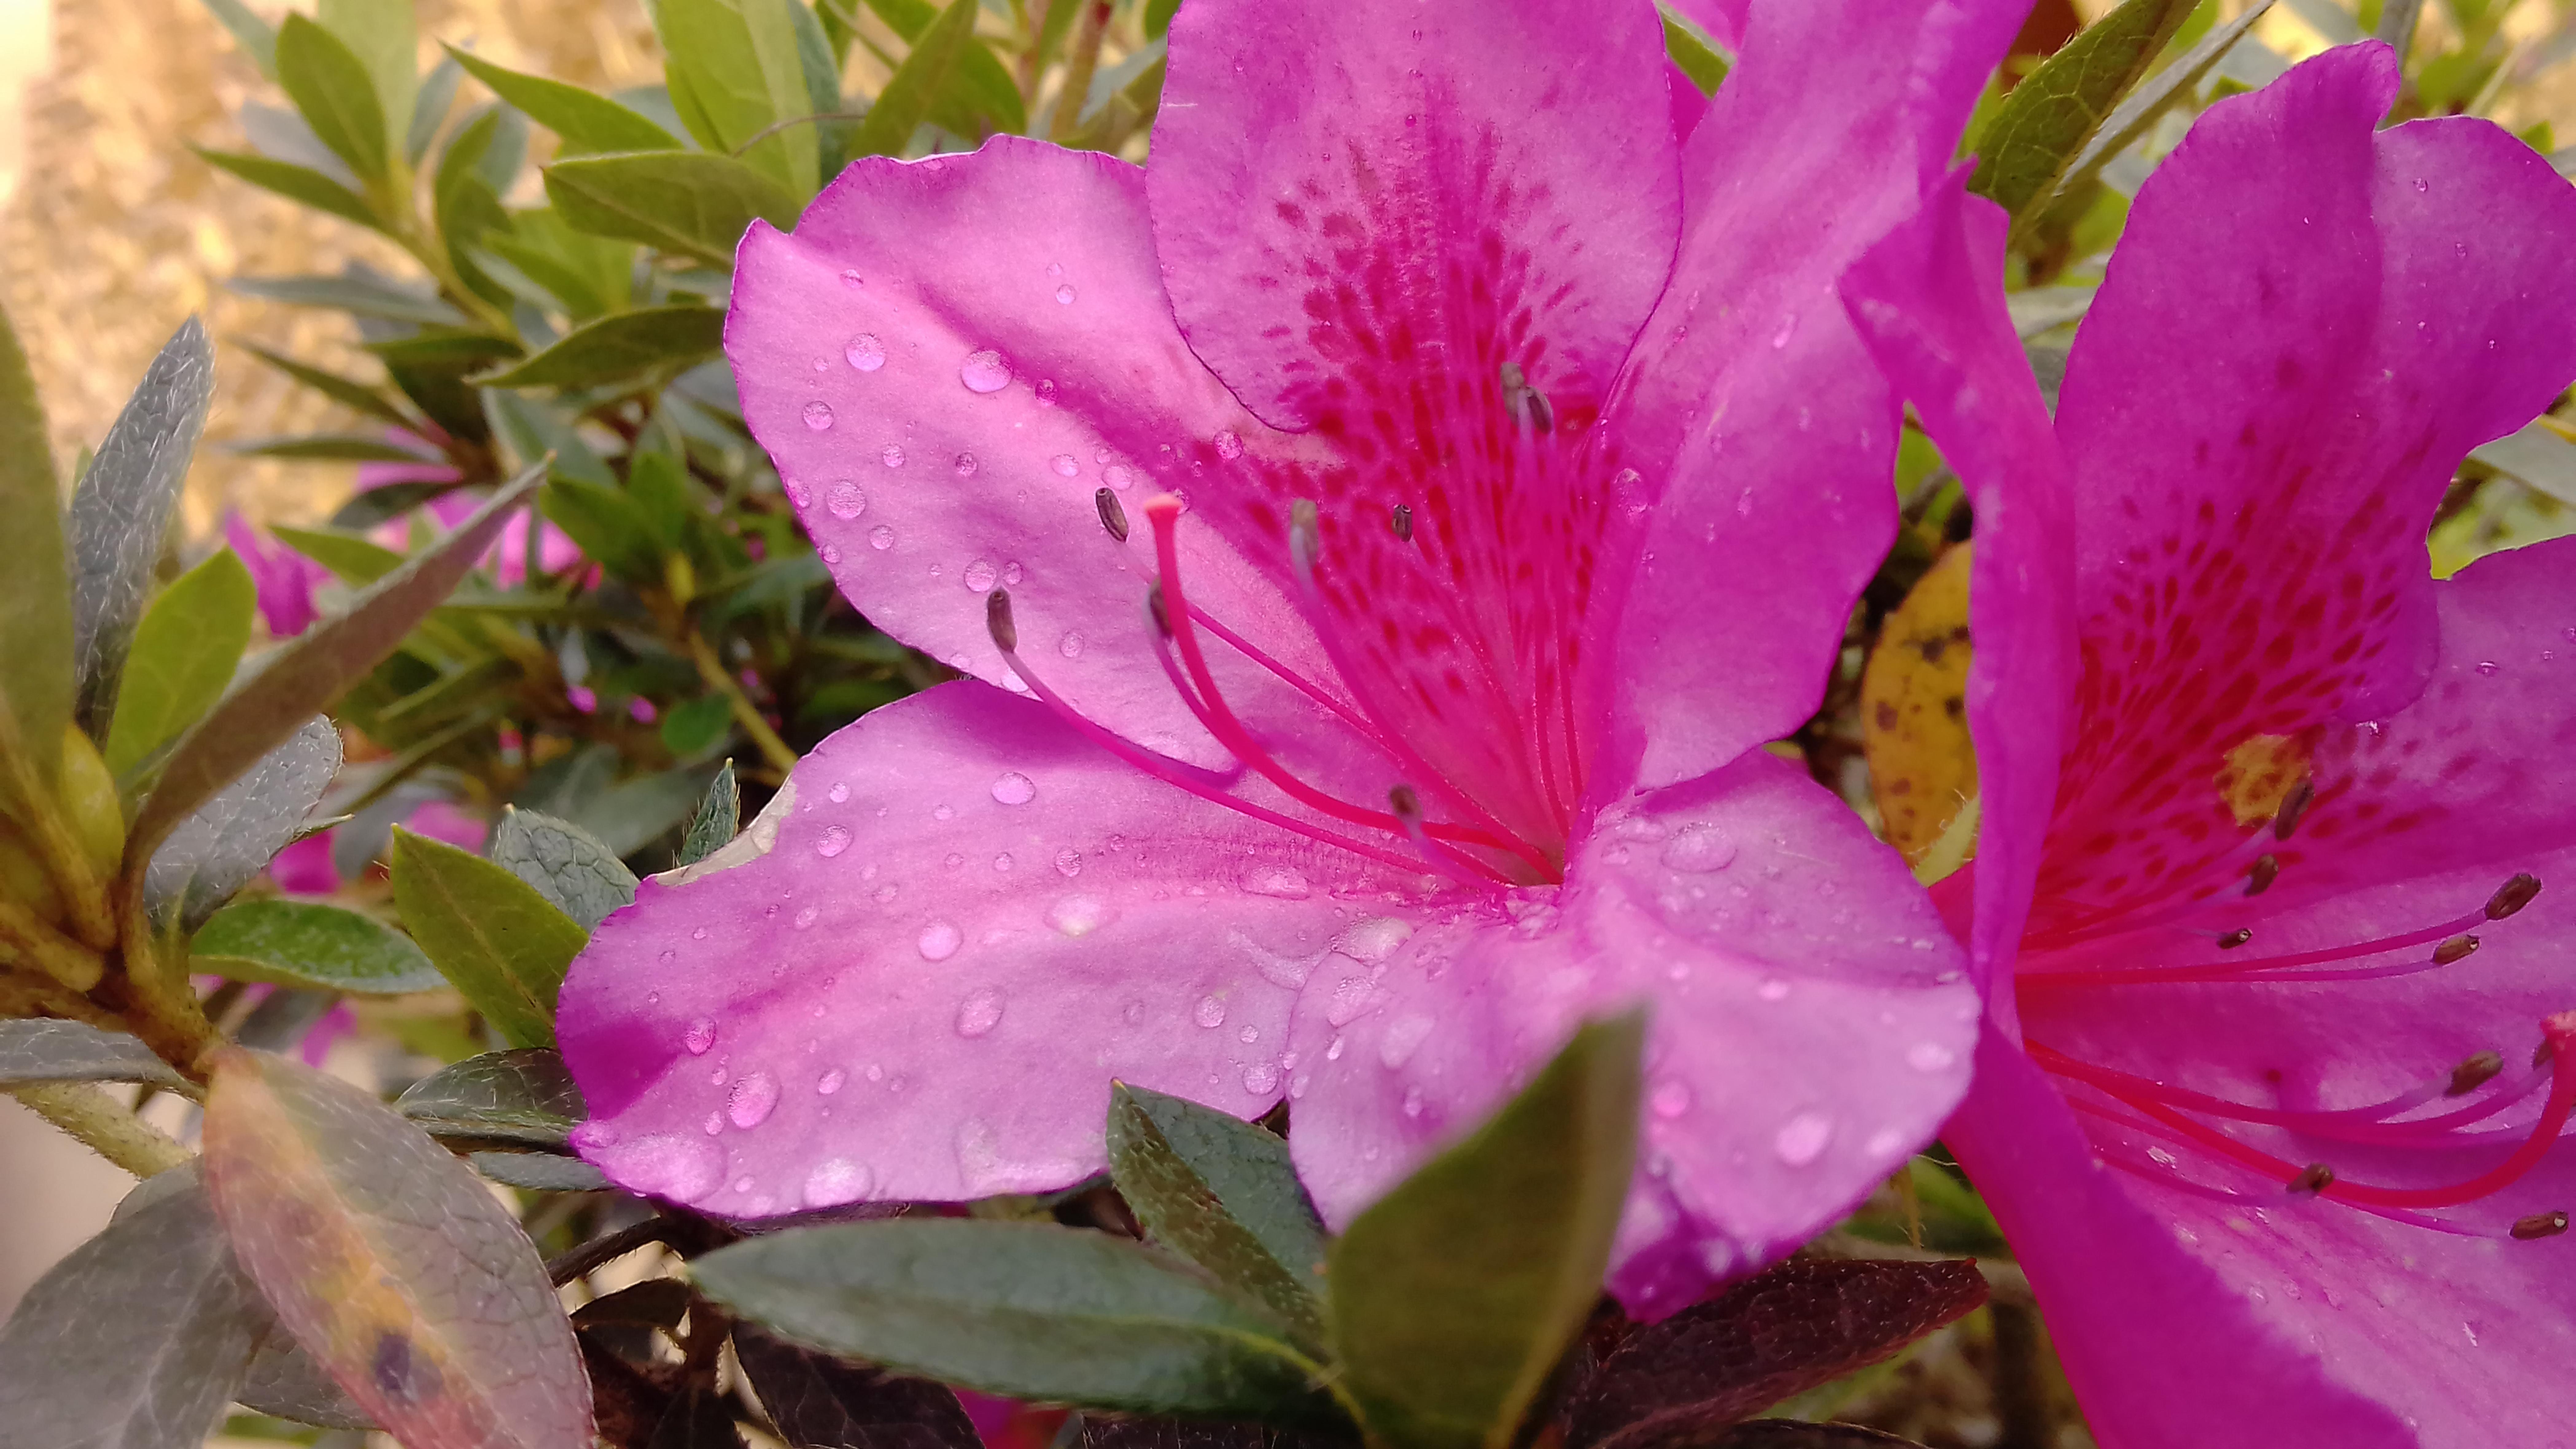 File Bunga Berwarna Merah Muda Violet Jpg Wikimedia Commons